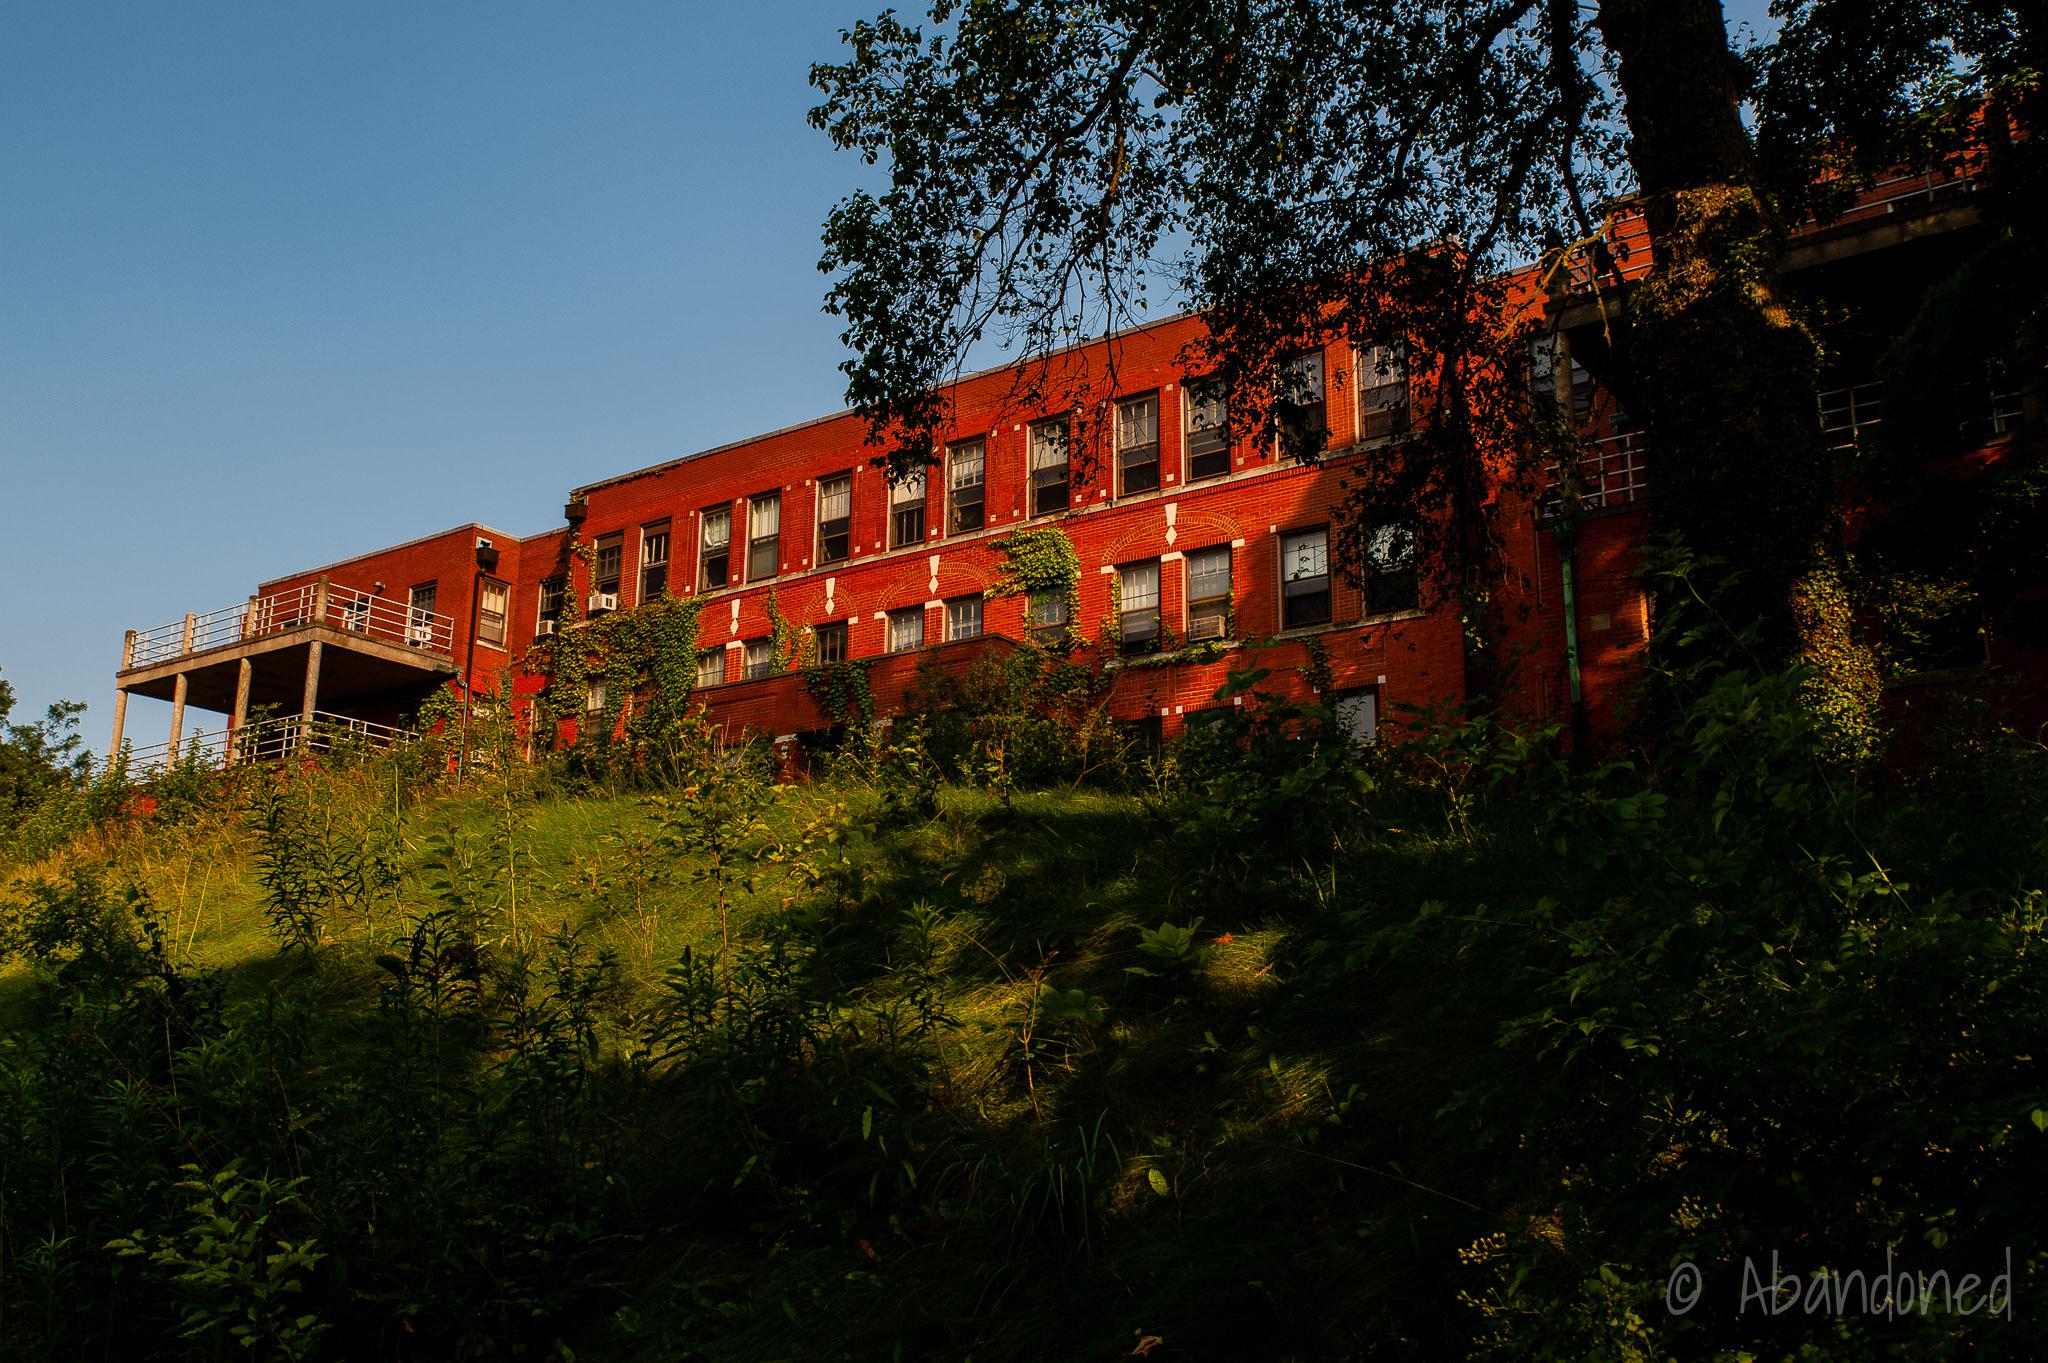 Edwin Shaw Hospital Abandoned Abandoned Building Photography